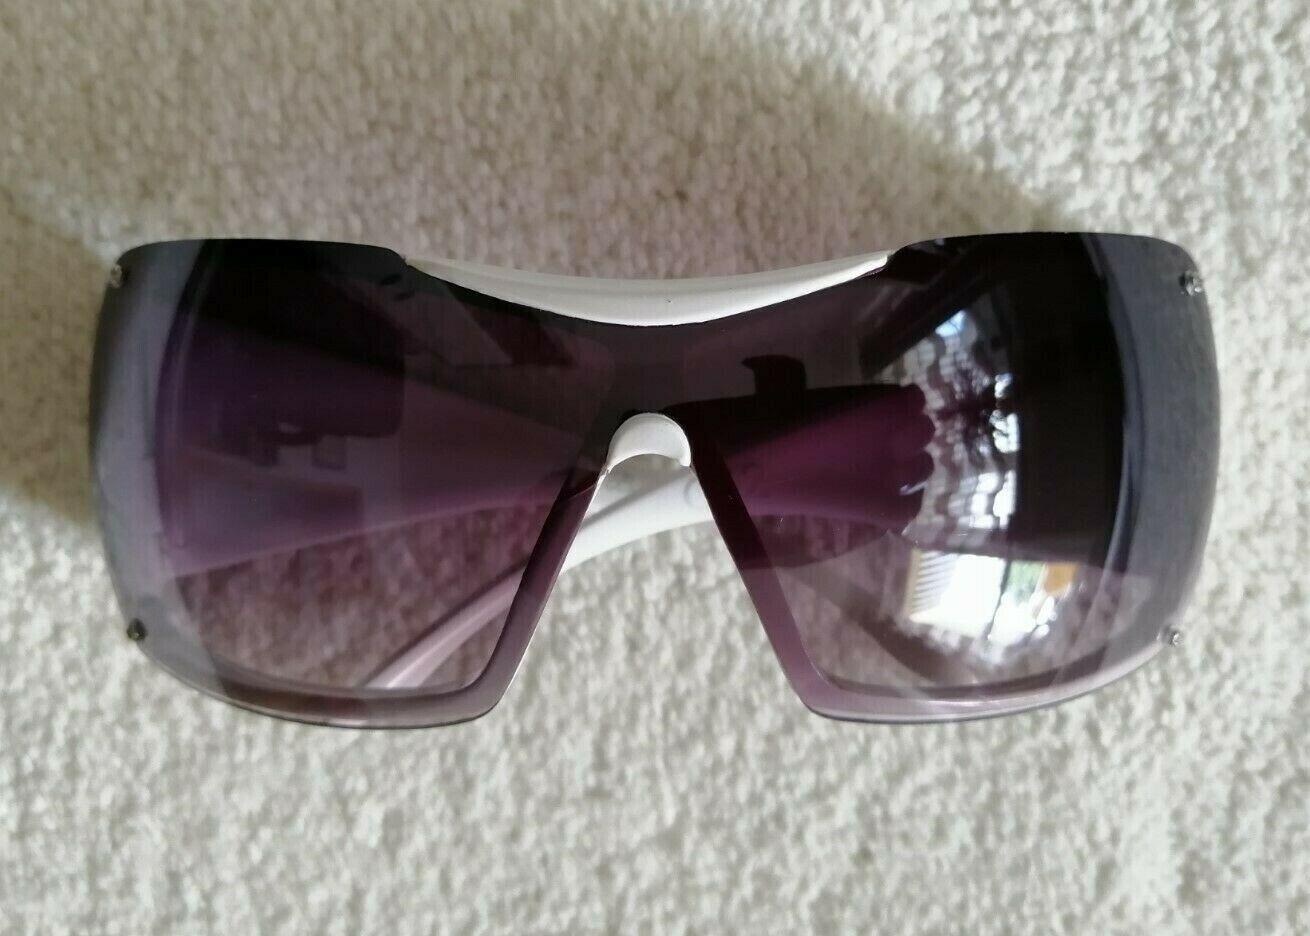 Bijou Brigitte Lady Damen Sportbrille Sonnenbrille Schutzbrille Shield weis lila